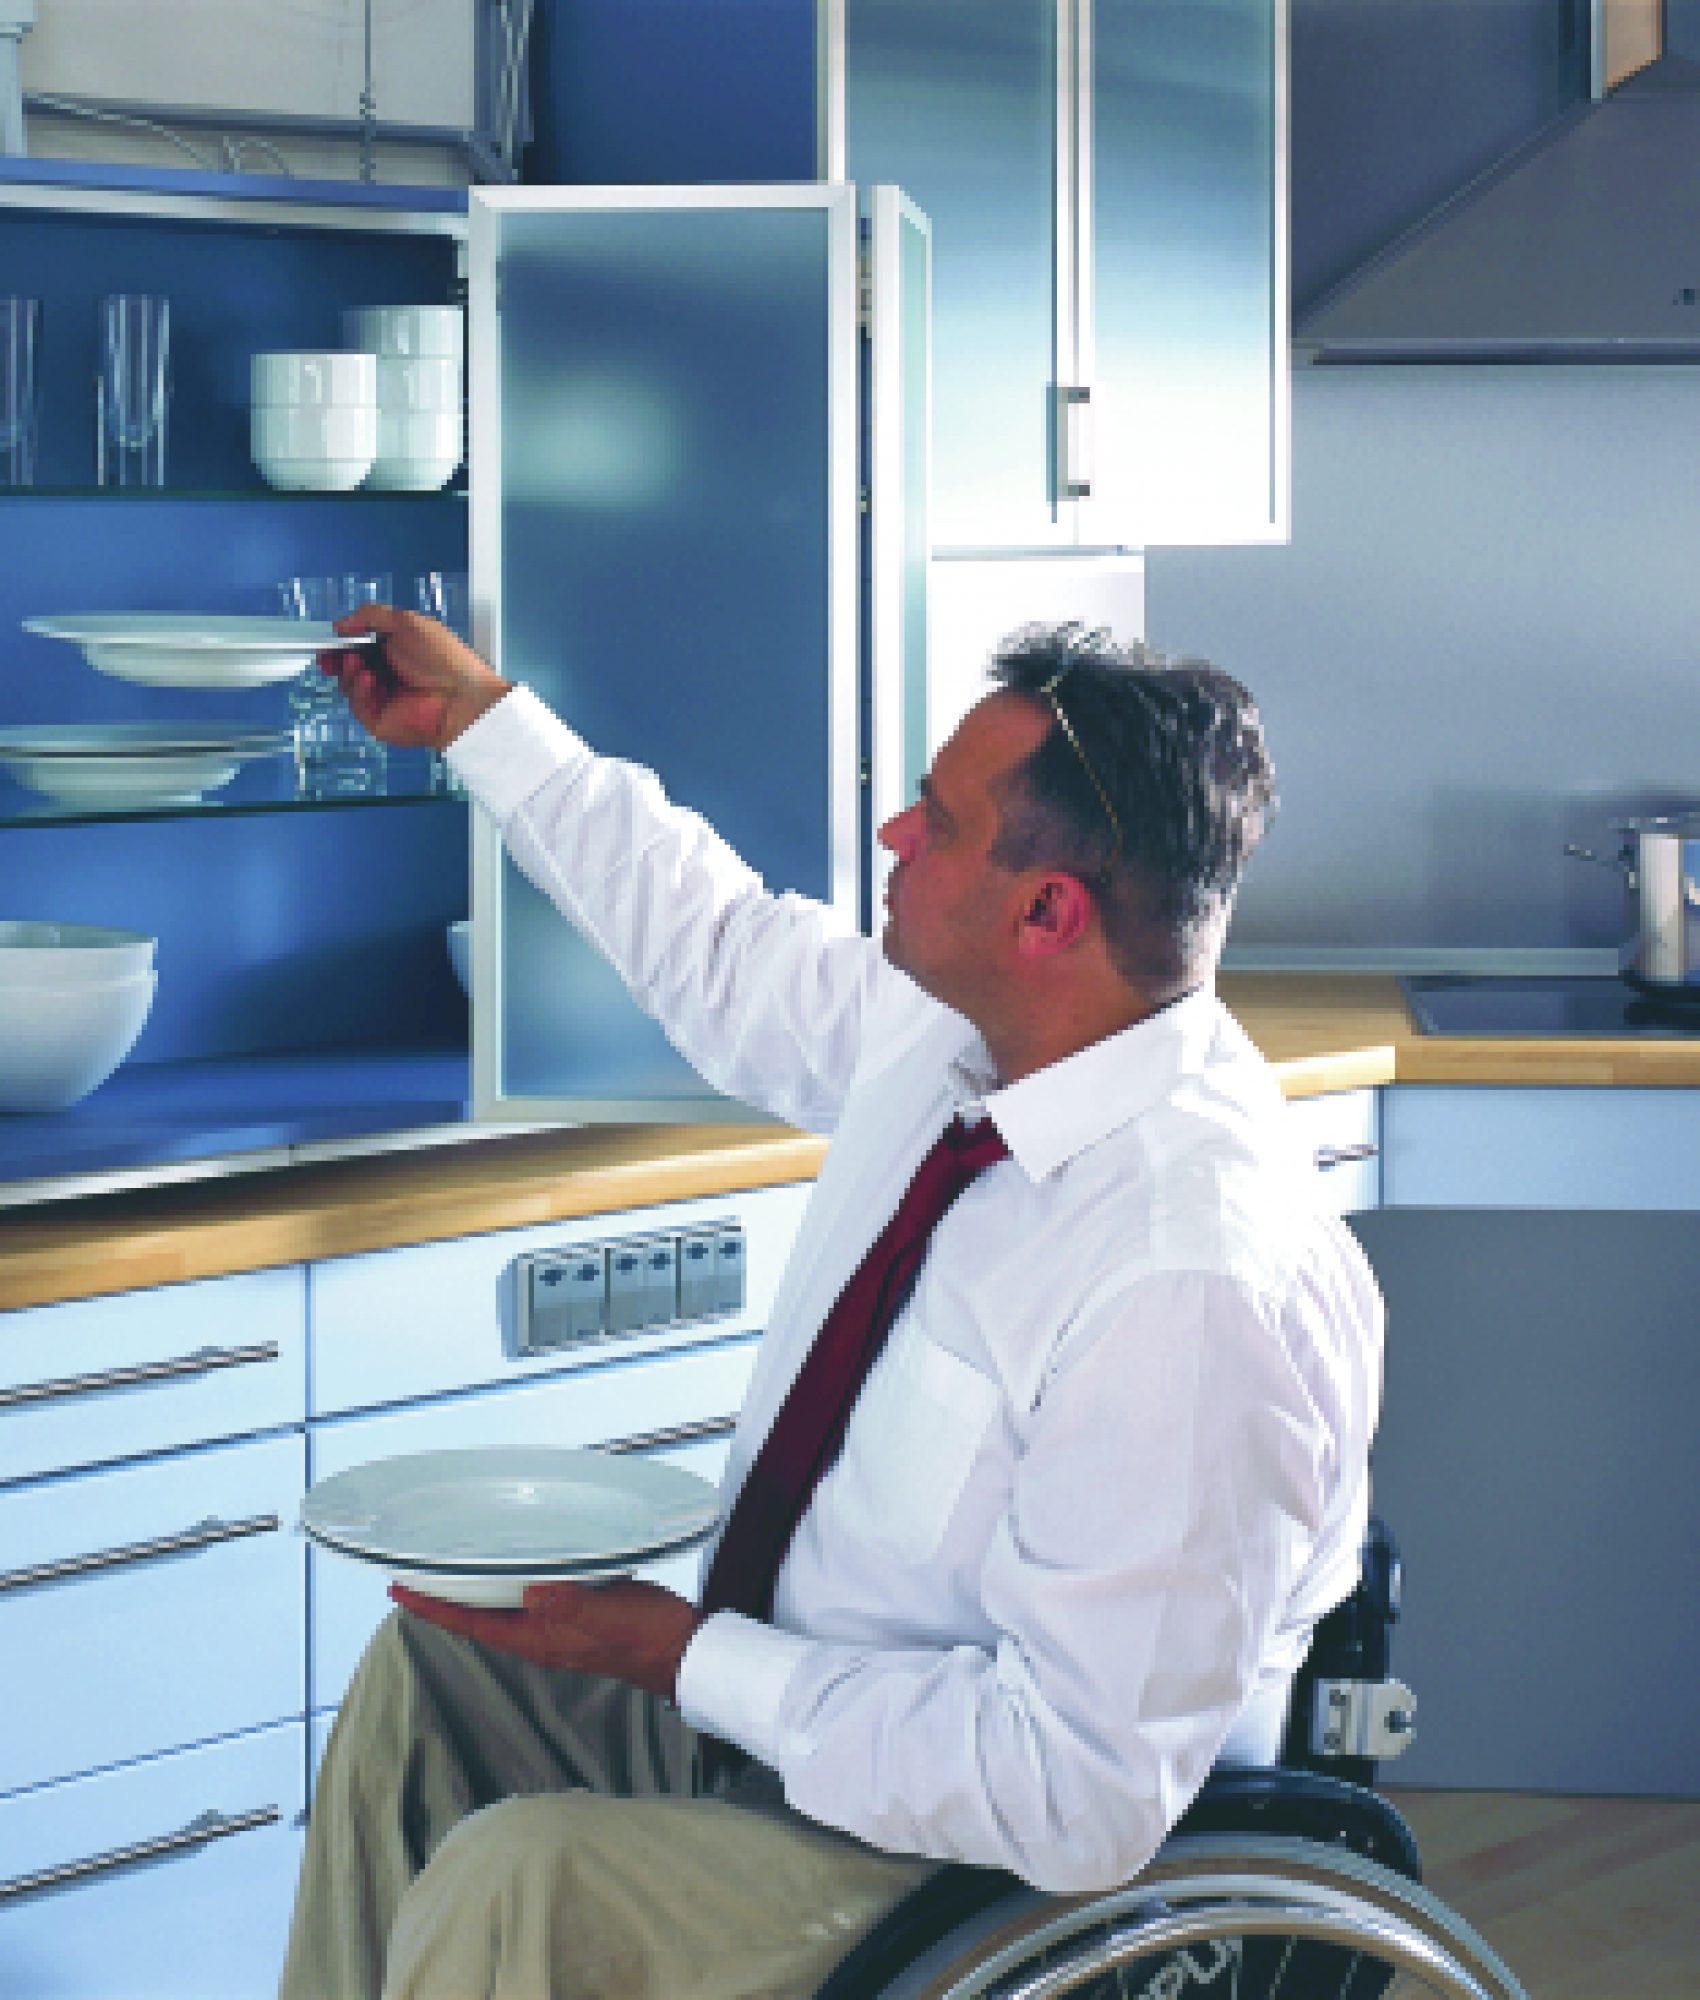 Lebensgerechte Küche abgesenkter Oberschrank.jpg